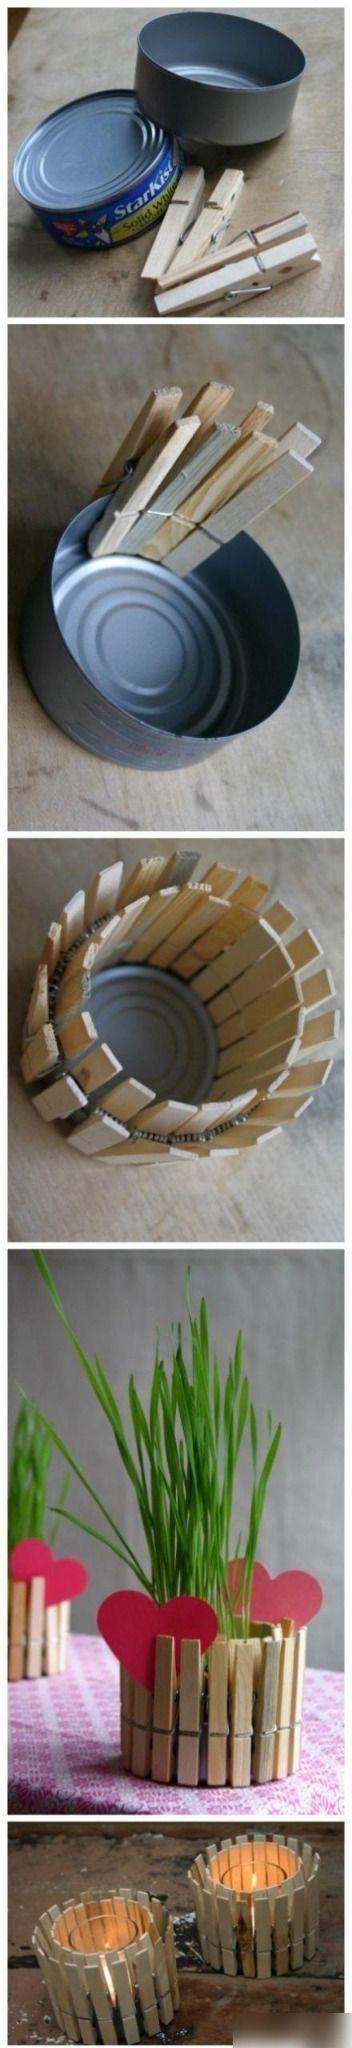 Buena idea para reciclar latas de atún!